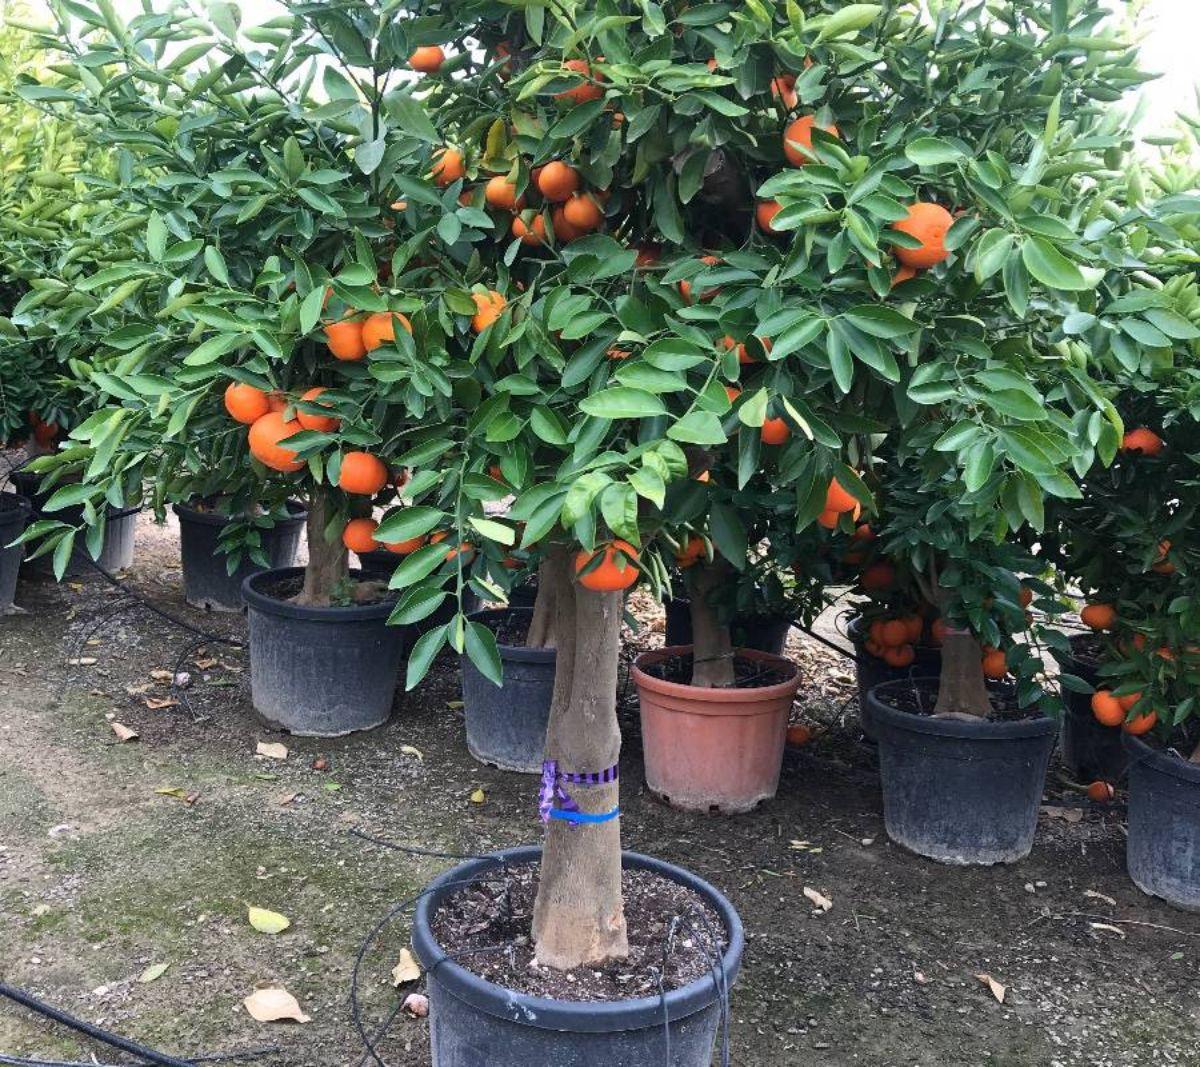 ¿Qué enfermedades y plagas pueden afectar al mandarino?